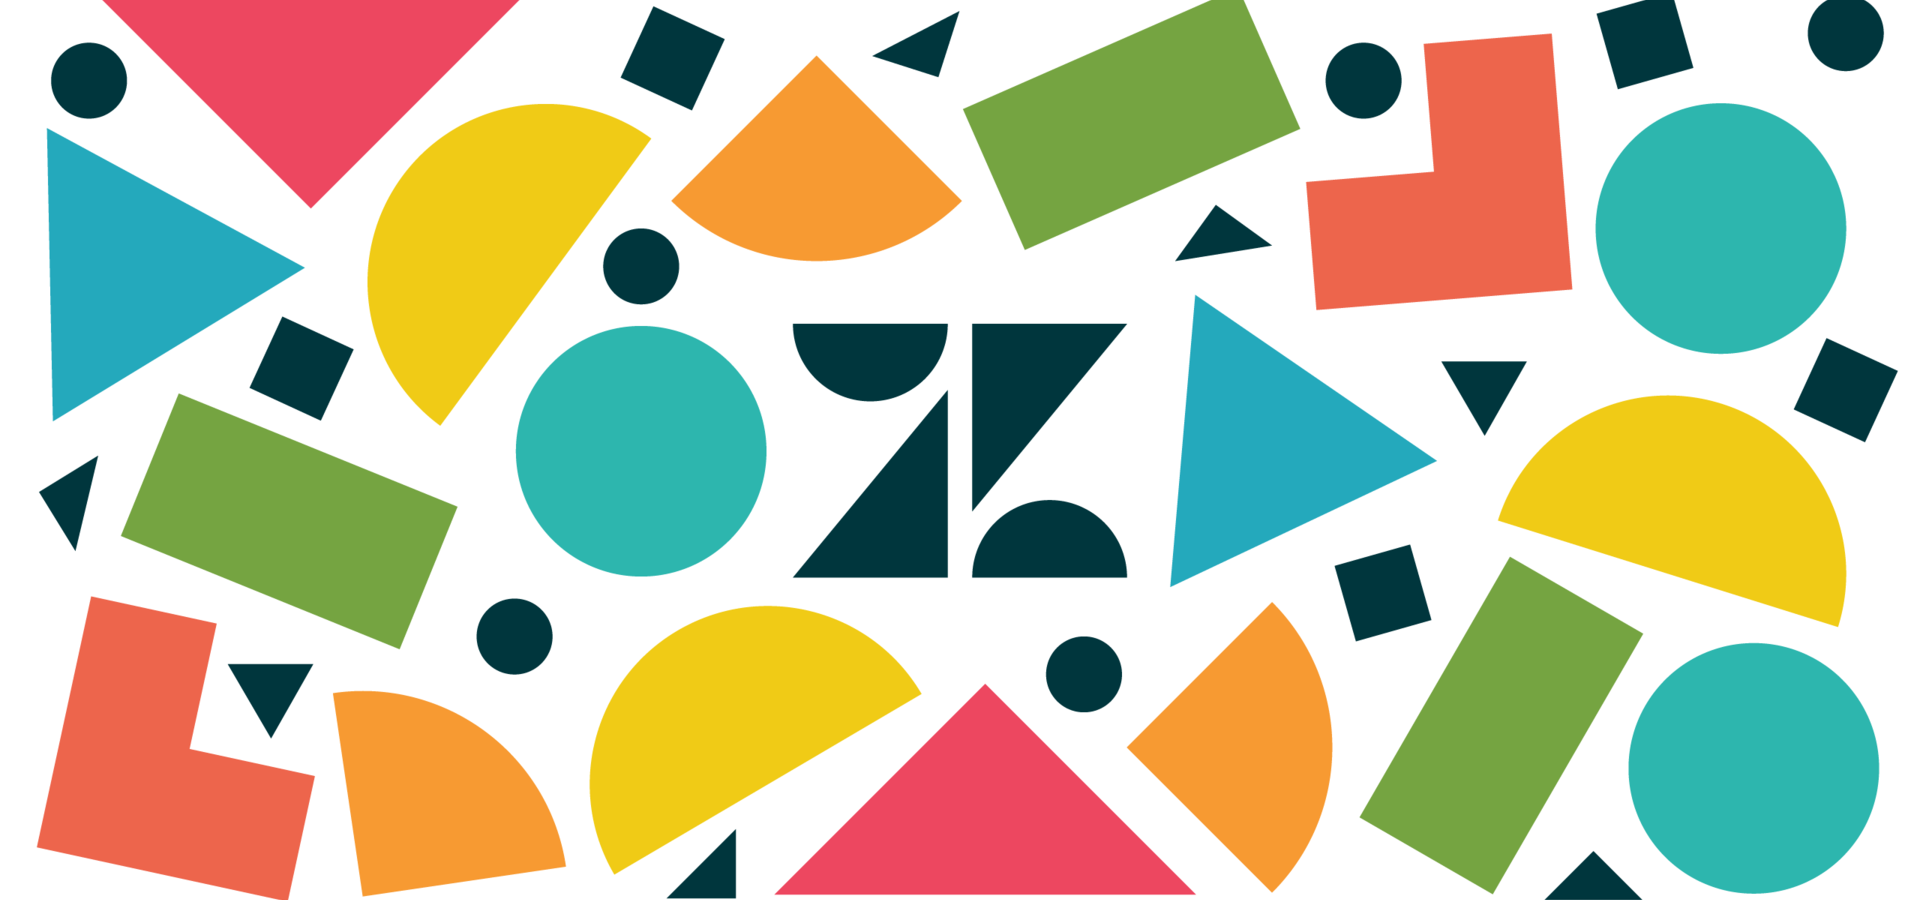 Erevena Assist Zendesk in Hiring VP Customer Advocacy